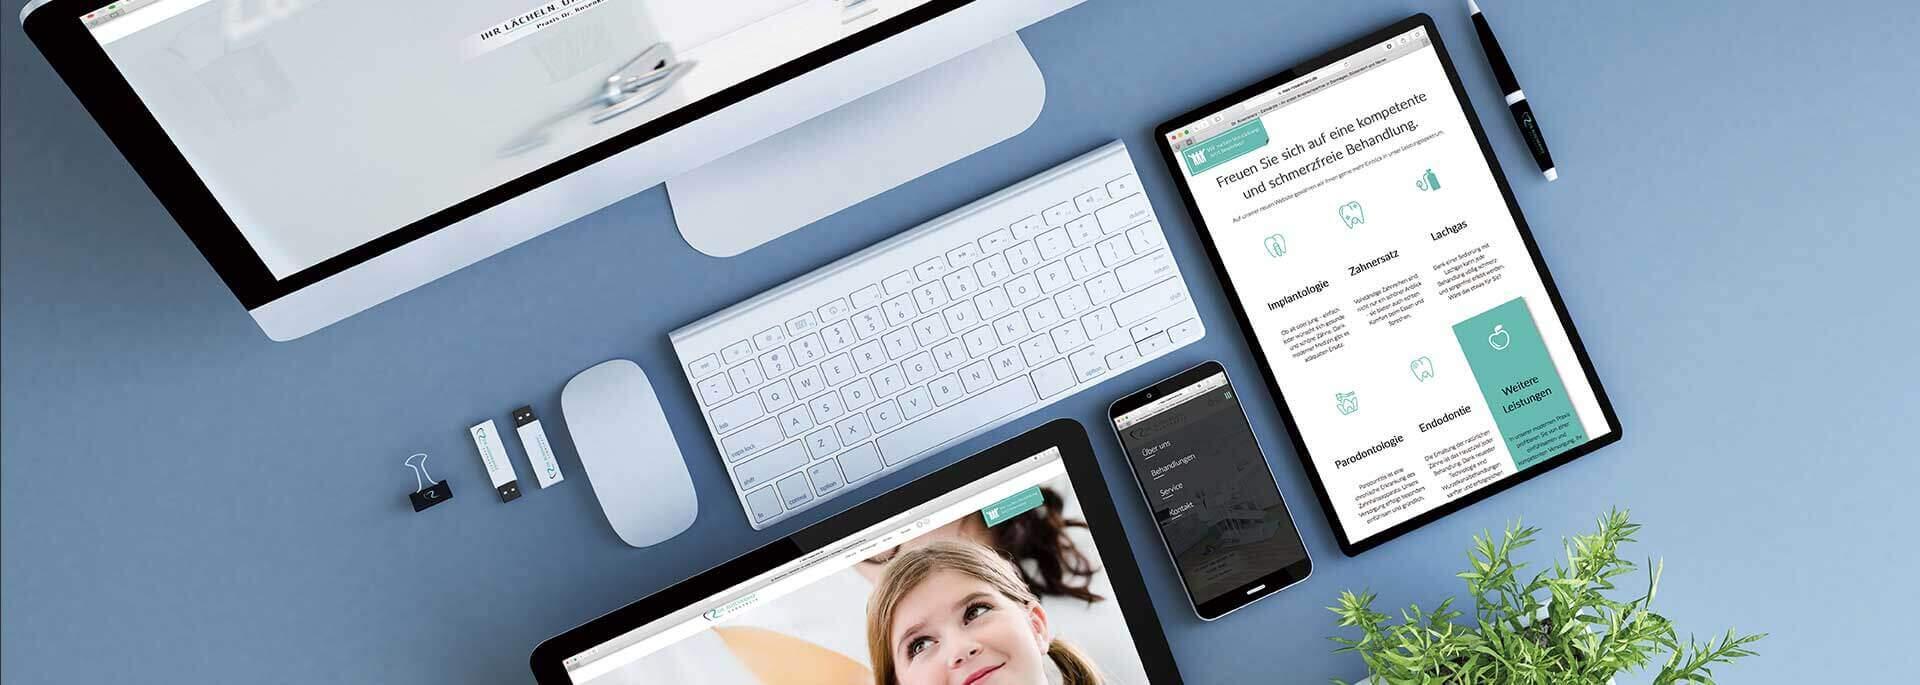 Webdesign für Ärzte - damit Sie in Führungsposition bleiben